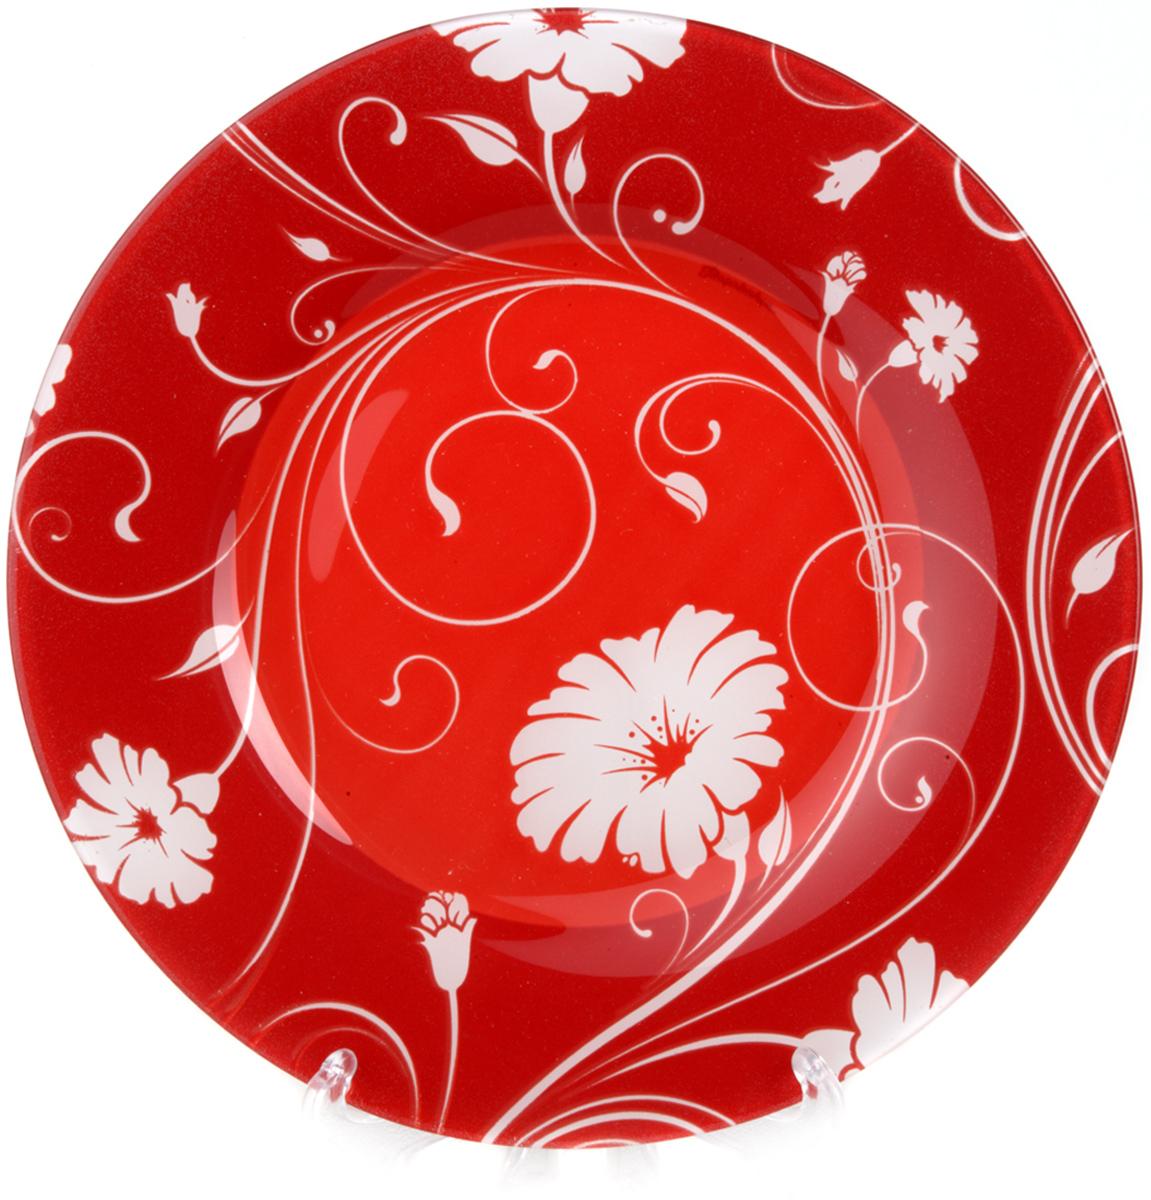 Тарелка из закаленного стекла SERENADE d=260 мм (на красном фоне белые цветы)